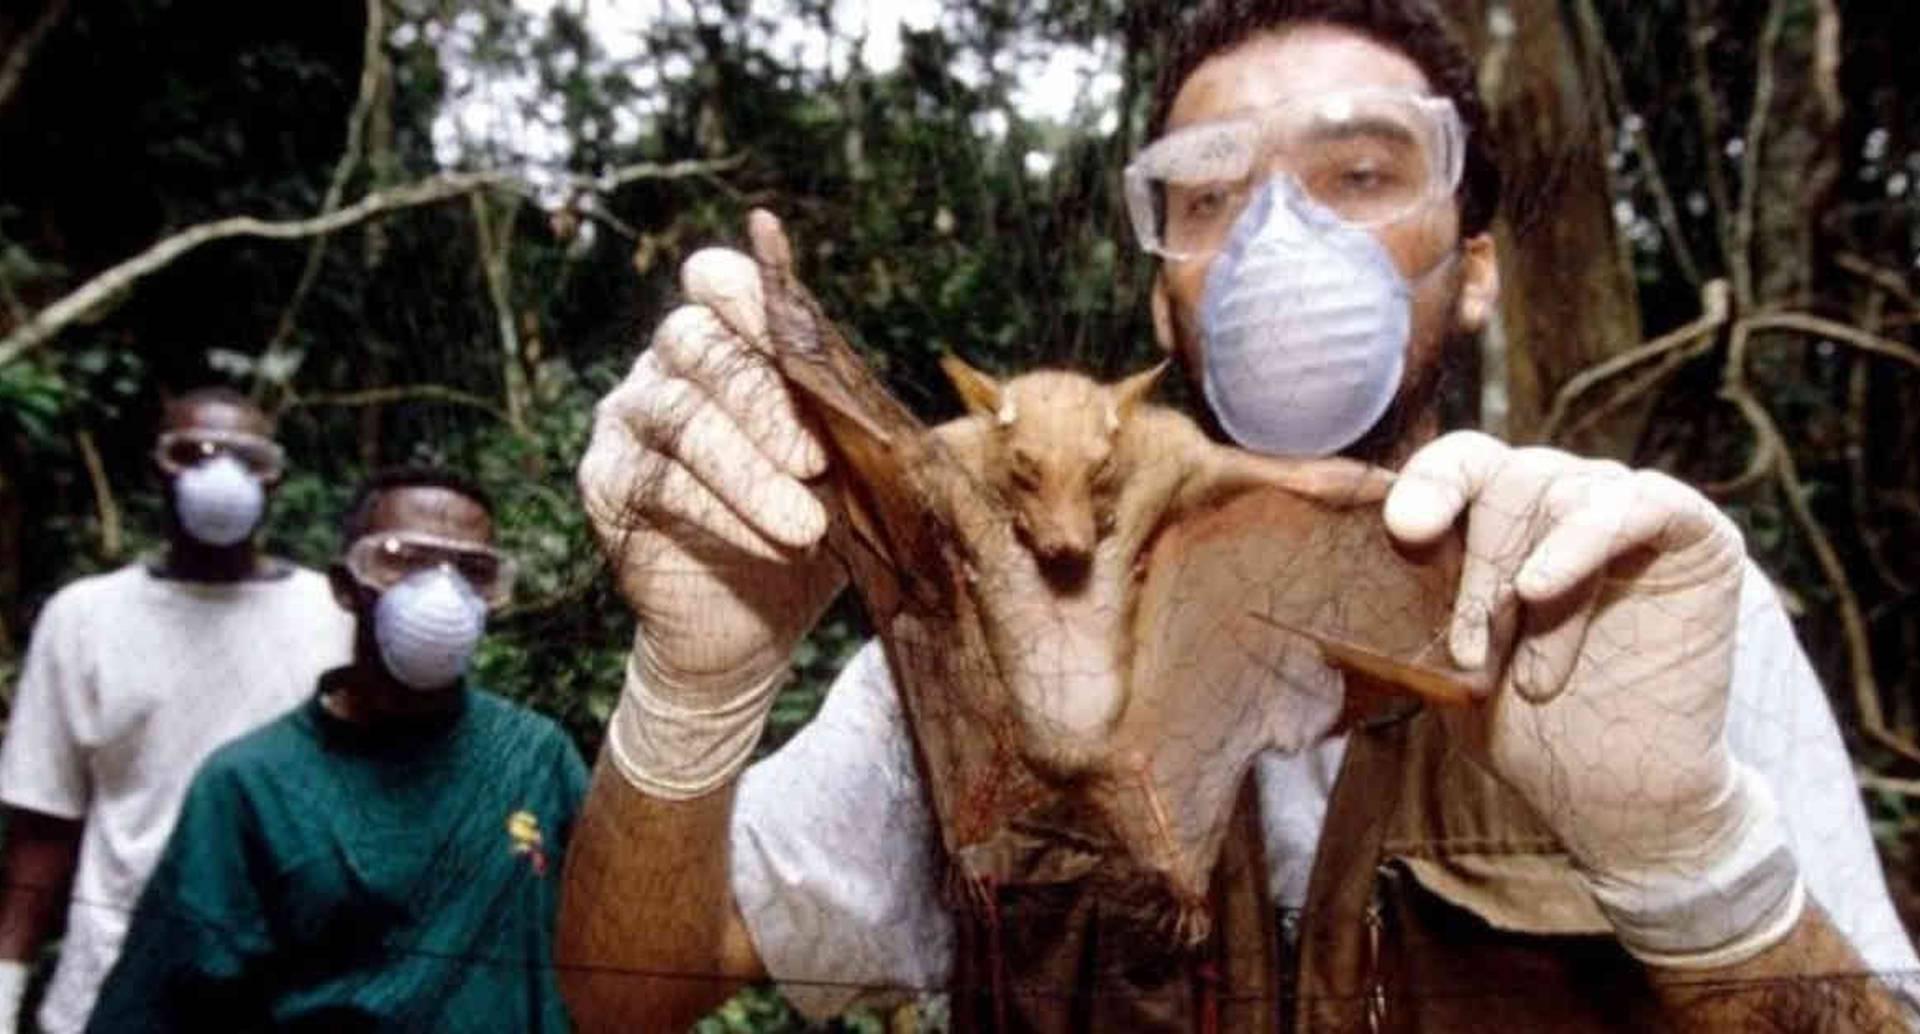 """Investigadores que estudian el ébola tomaron muestras de murciélagos salvajes, que se cree que fueron la fuente de la """"propagación"""" en humanos. Foto: SCIENCE PHOTO LIBRARY vía BBC."""